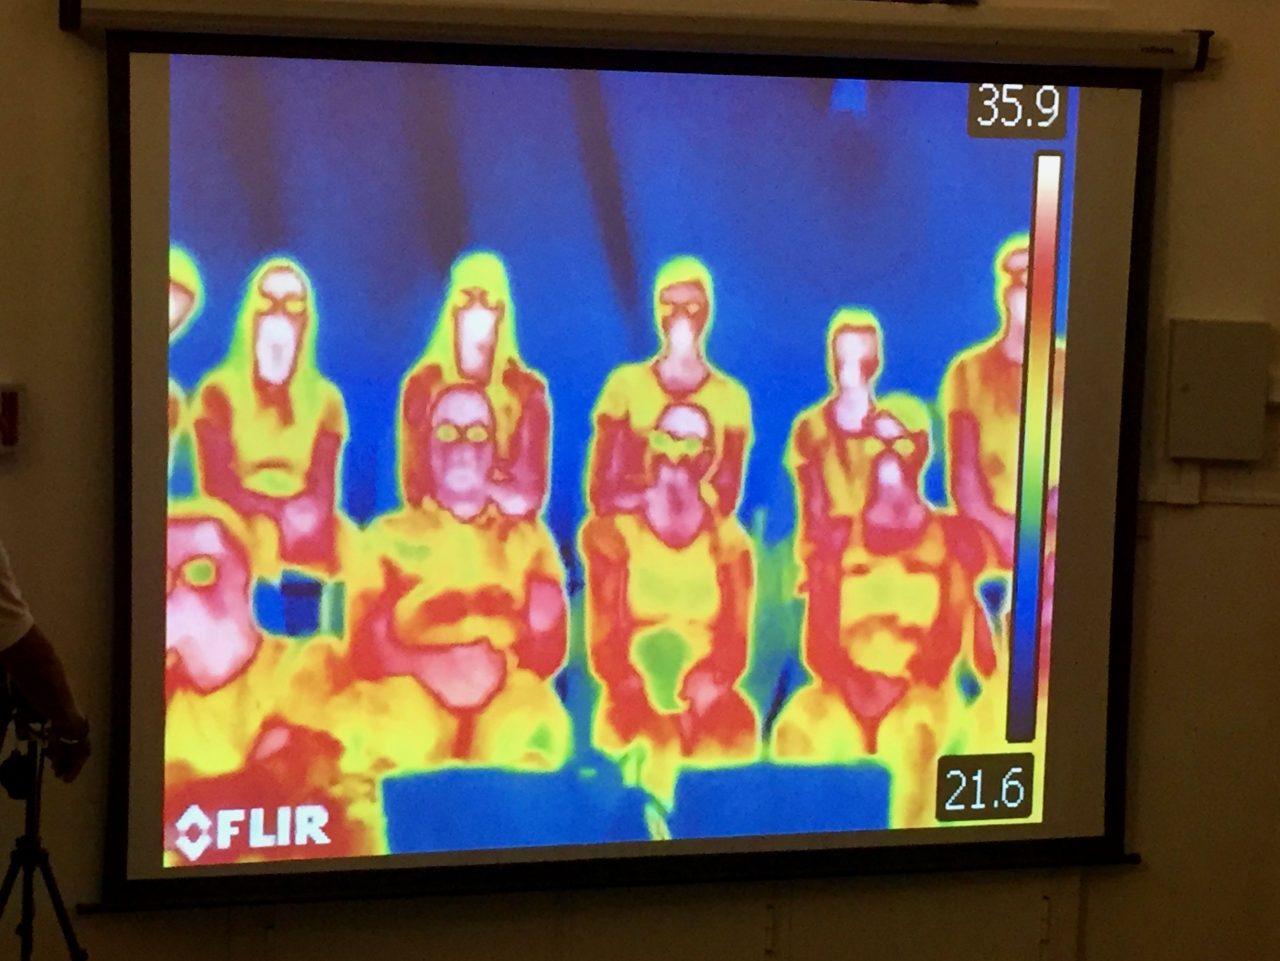 Im Laufe des Workshops wurden interessante Experimente mit einer Infrarot-Kamera gezeigt.